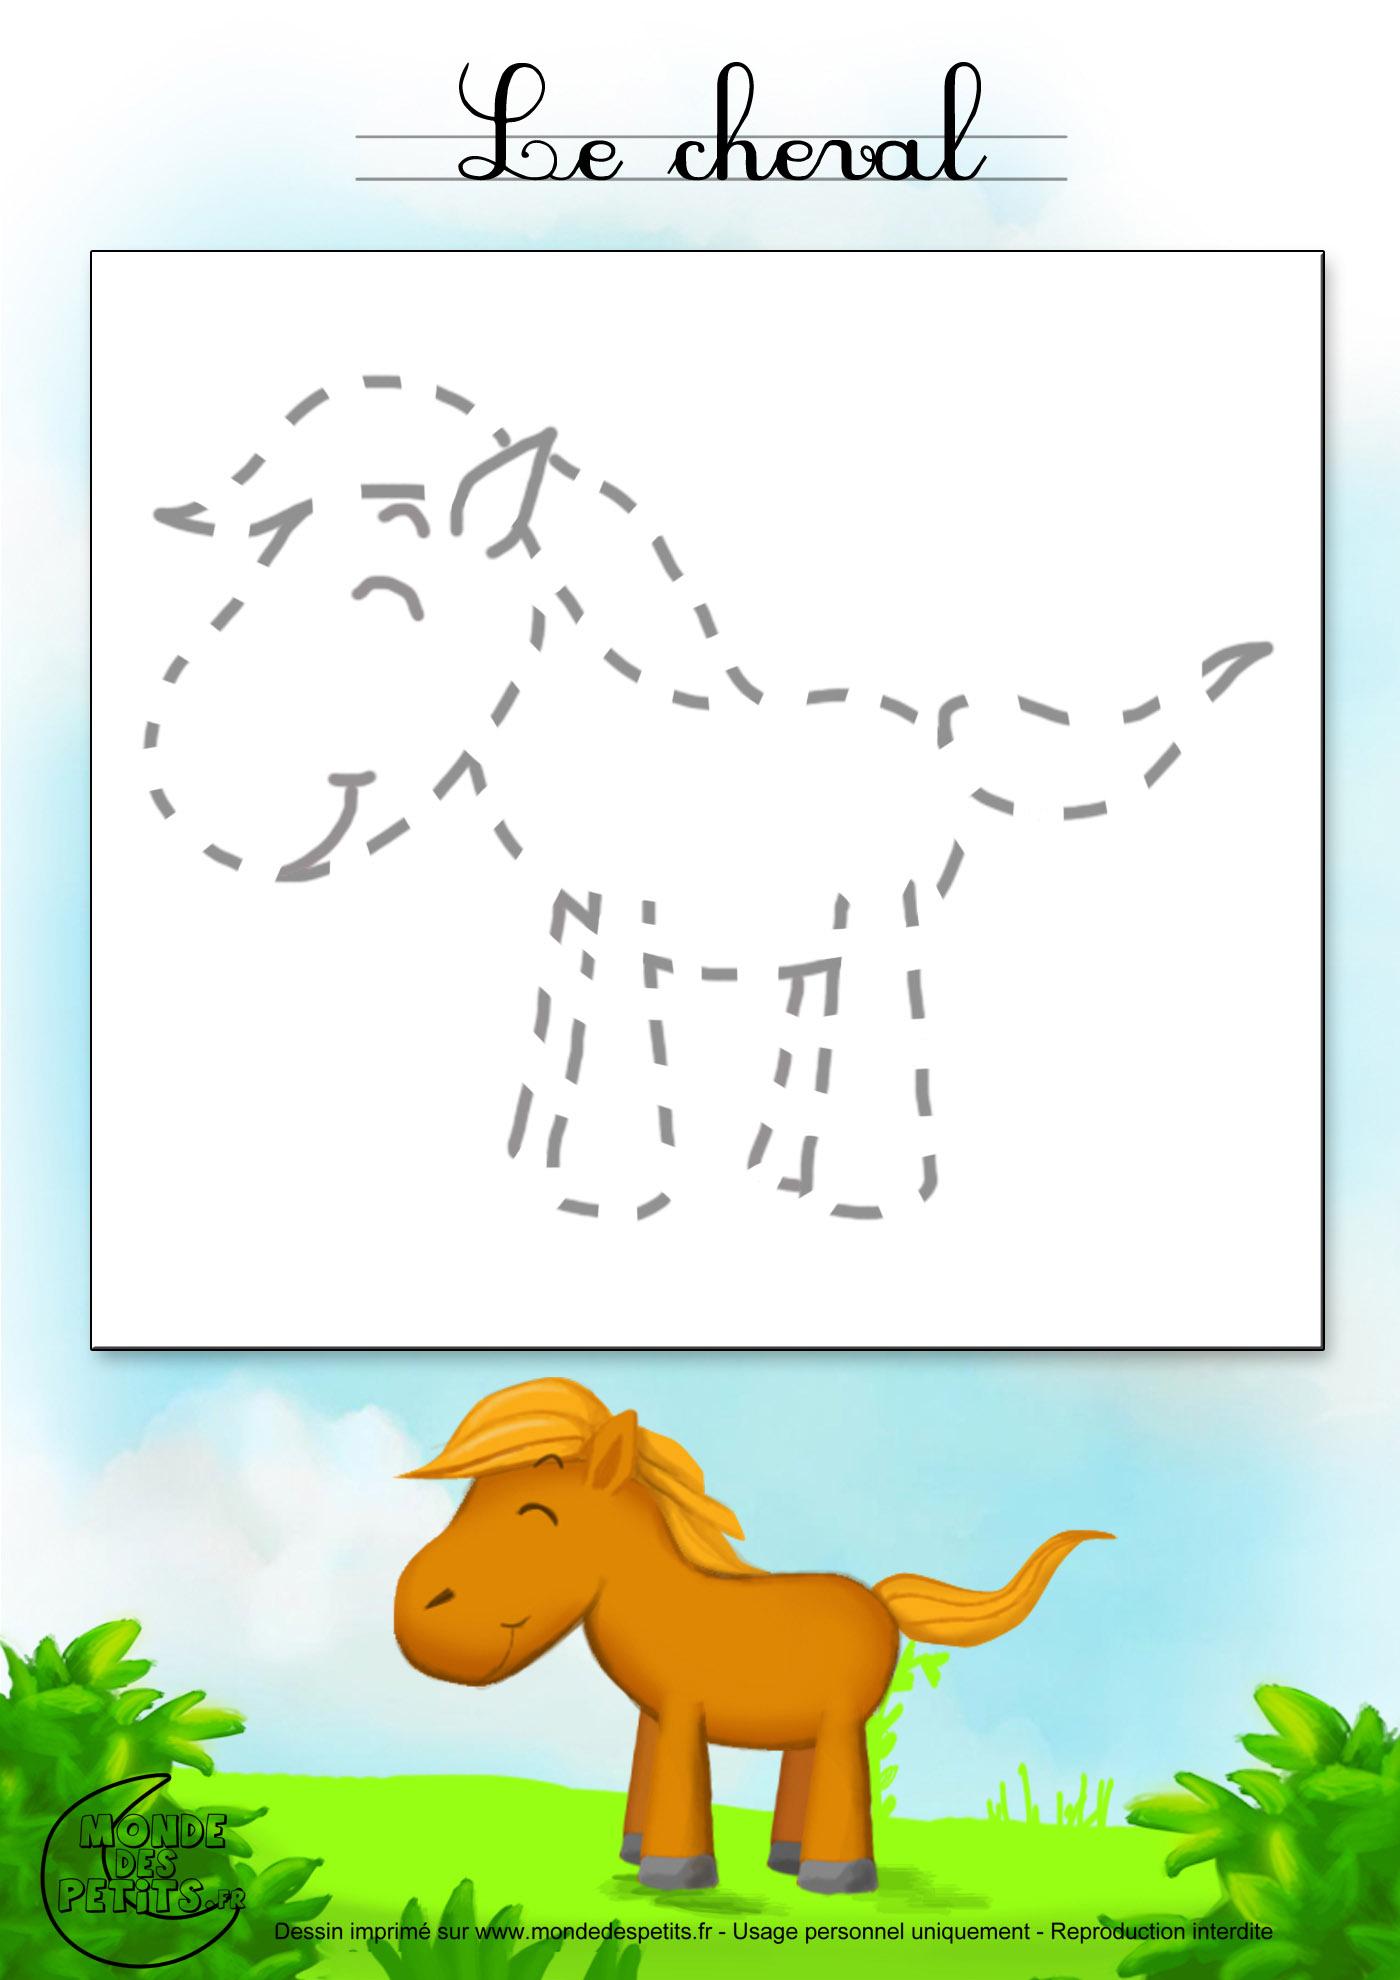 Monde des petits tutoriel vid o - Comment dessiner un cheval facile ...